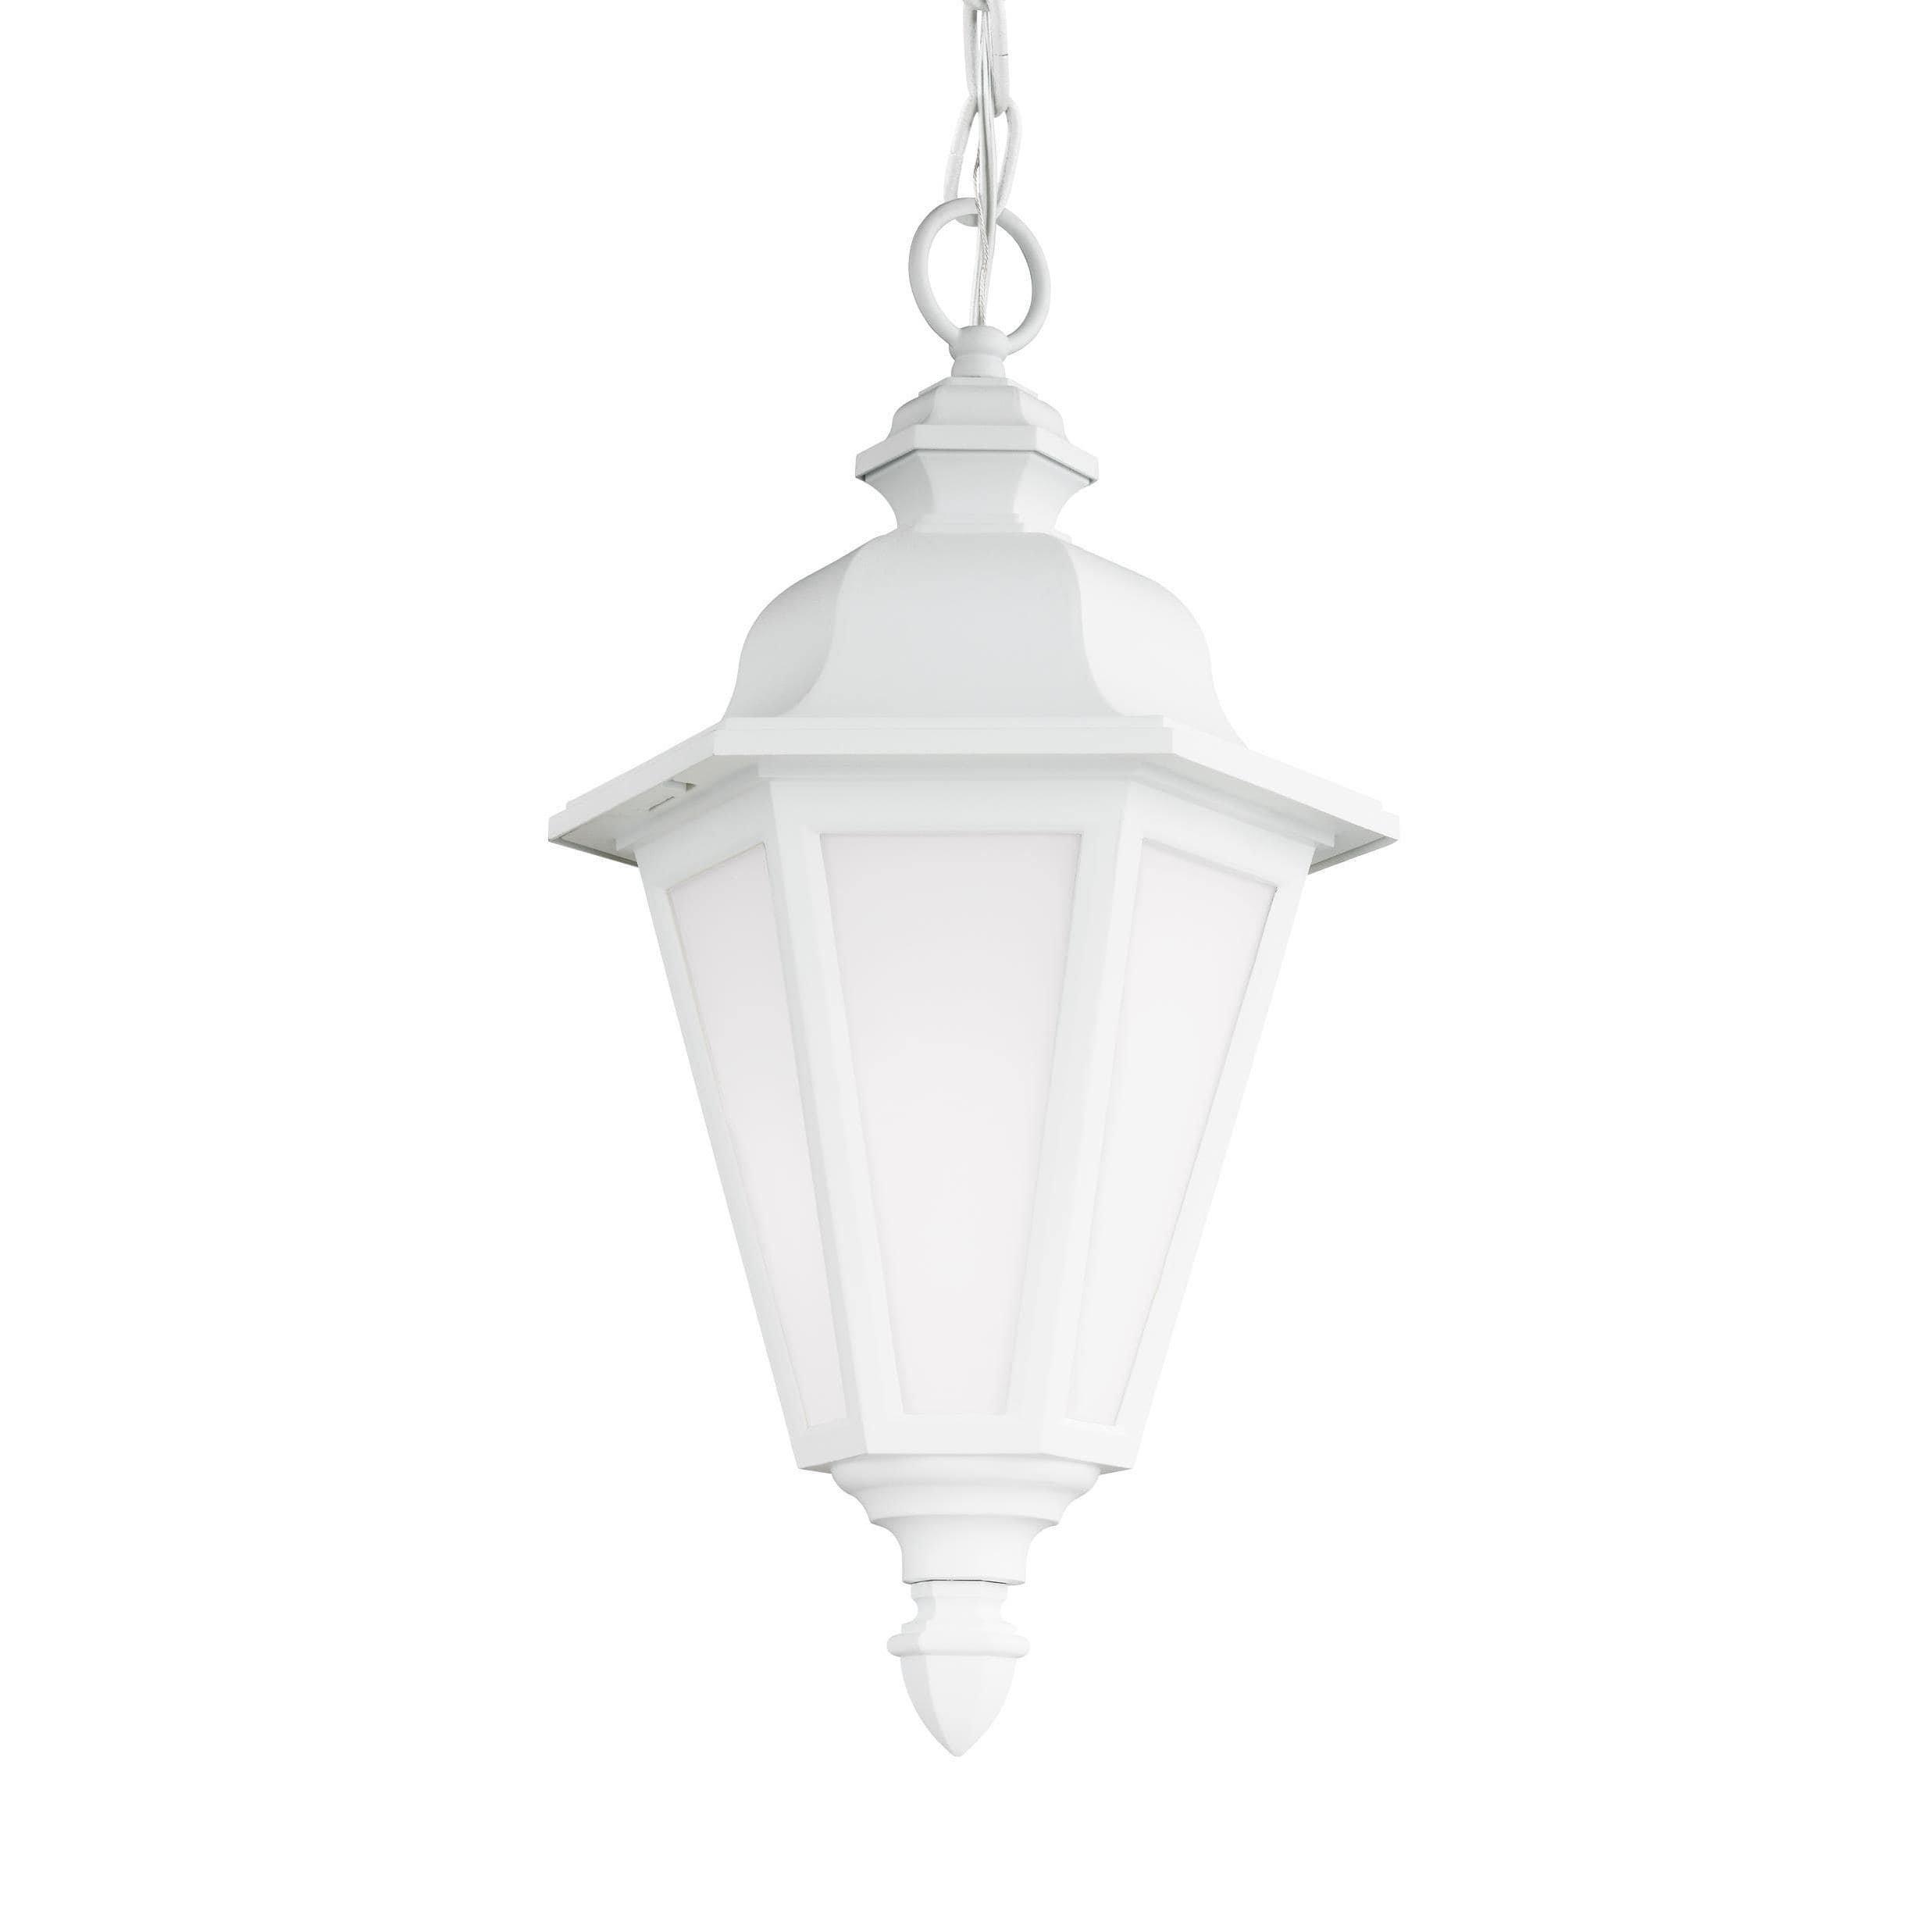 Sea Gull Lighting 1891995 69025-15